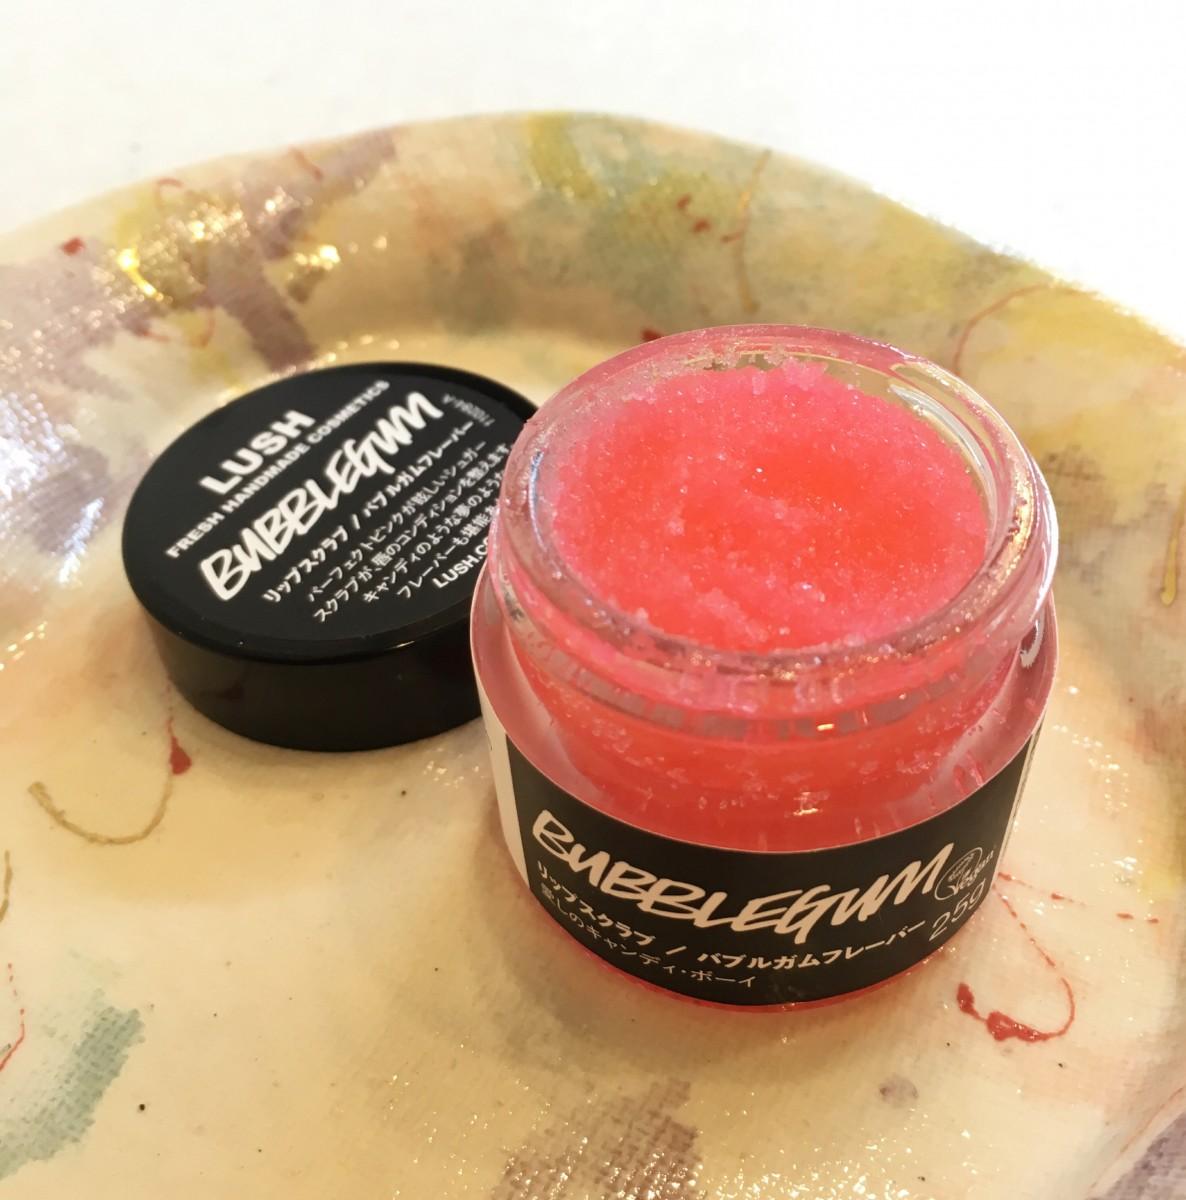 ぷるんと魅力的な唇に…。ピンクが可愛い!LUSH(ラッシュ) キャンディみたいなリップスクラブ【おすすめリップケア 】